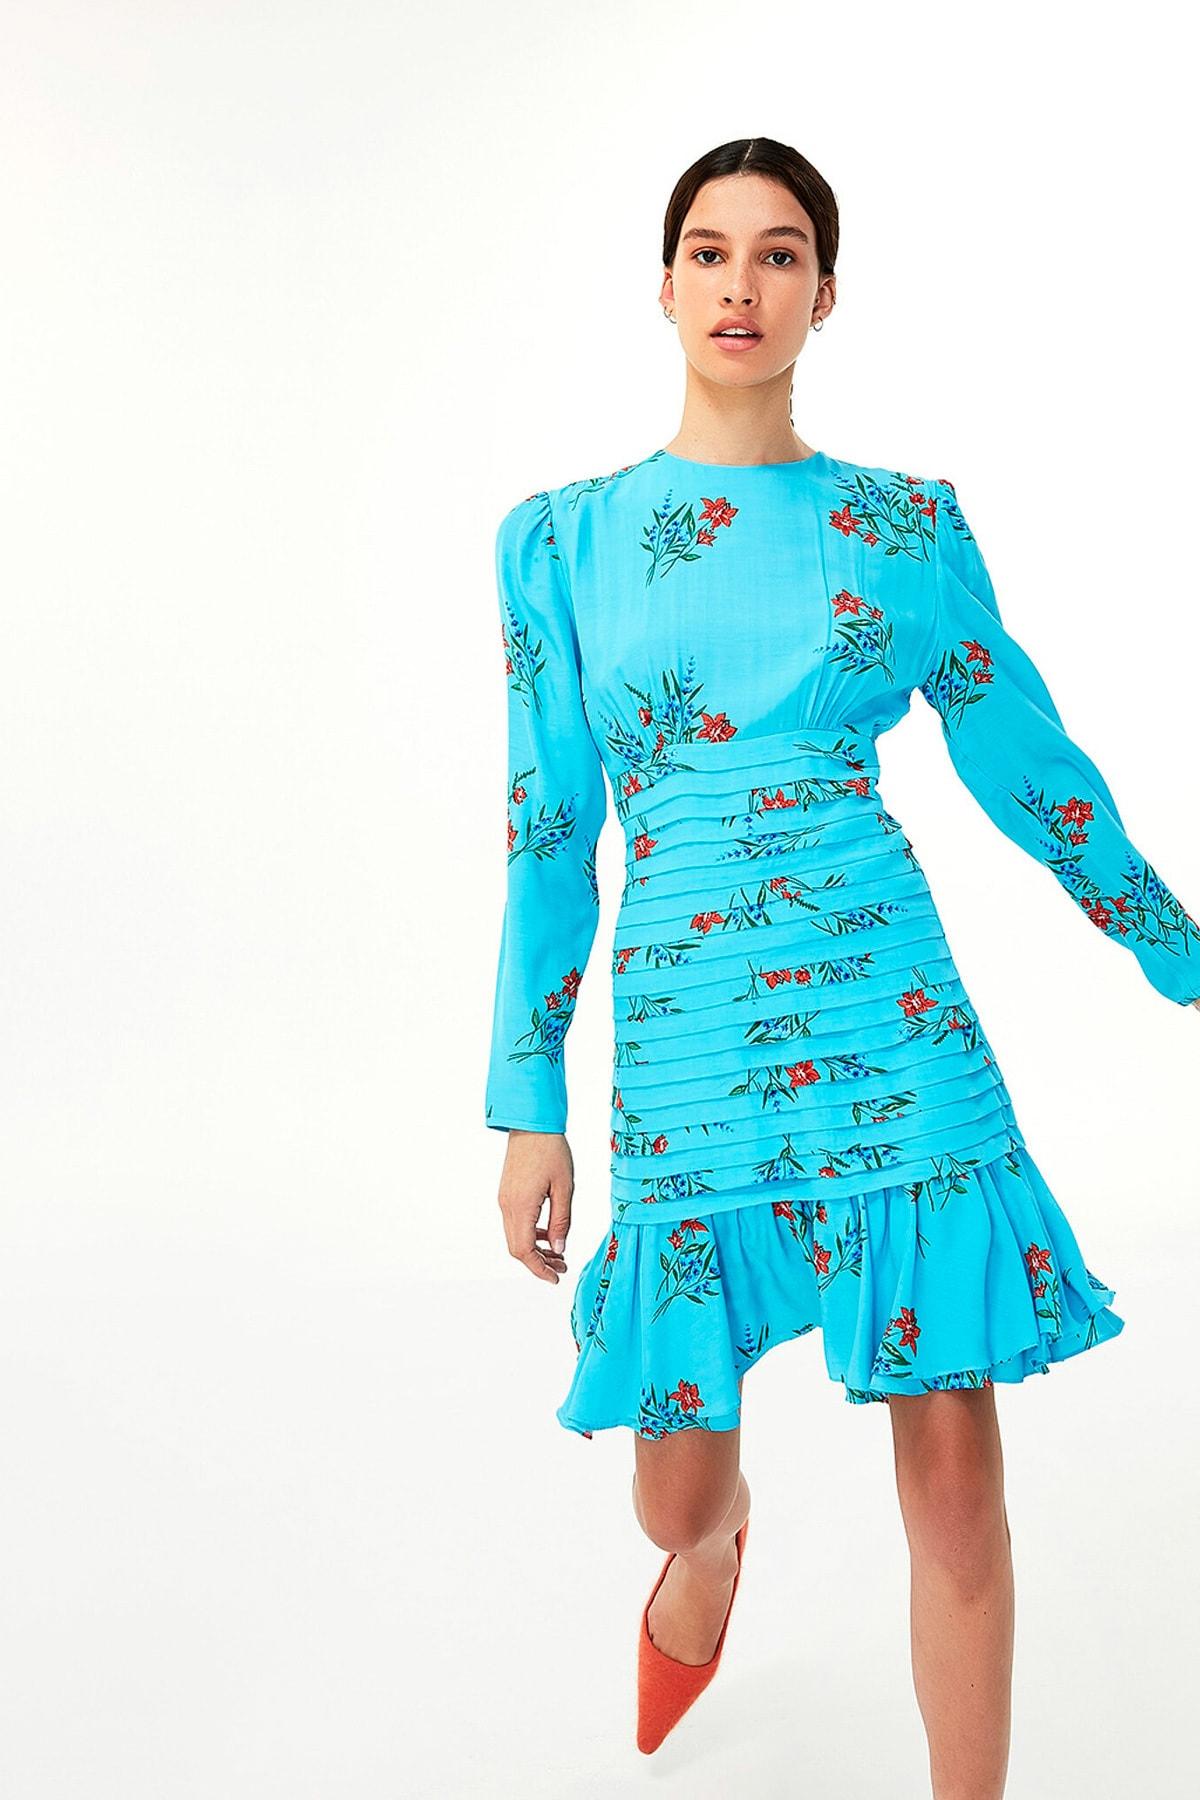 Twist Kadın Mavi Çiçek Desen Elbise TW6200002143 1